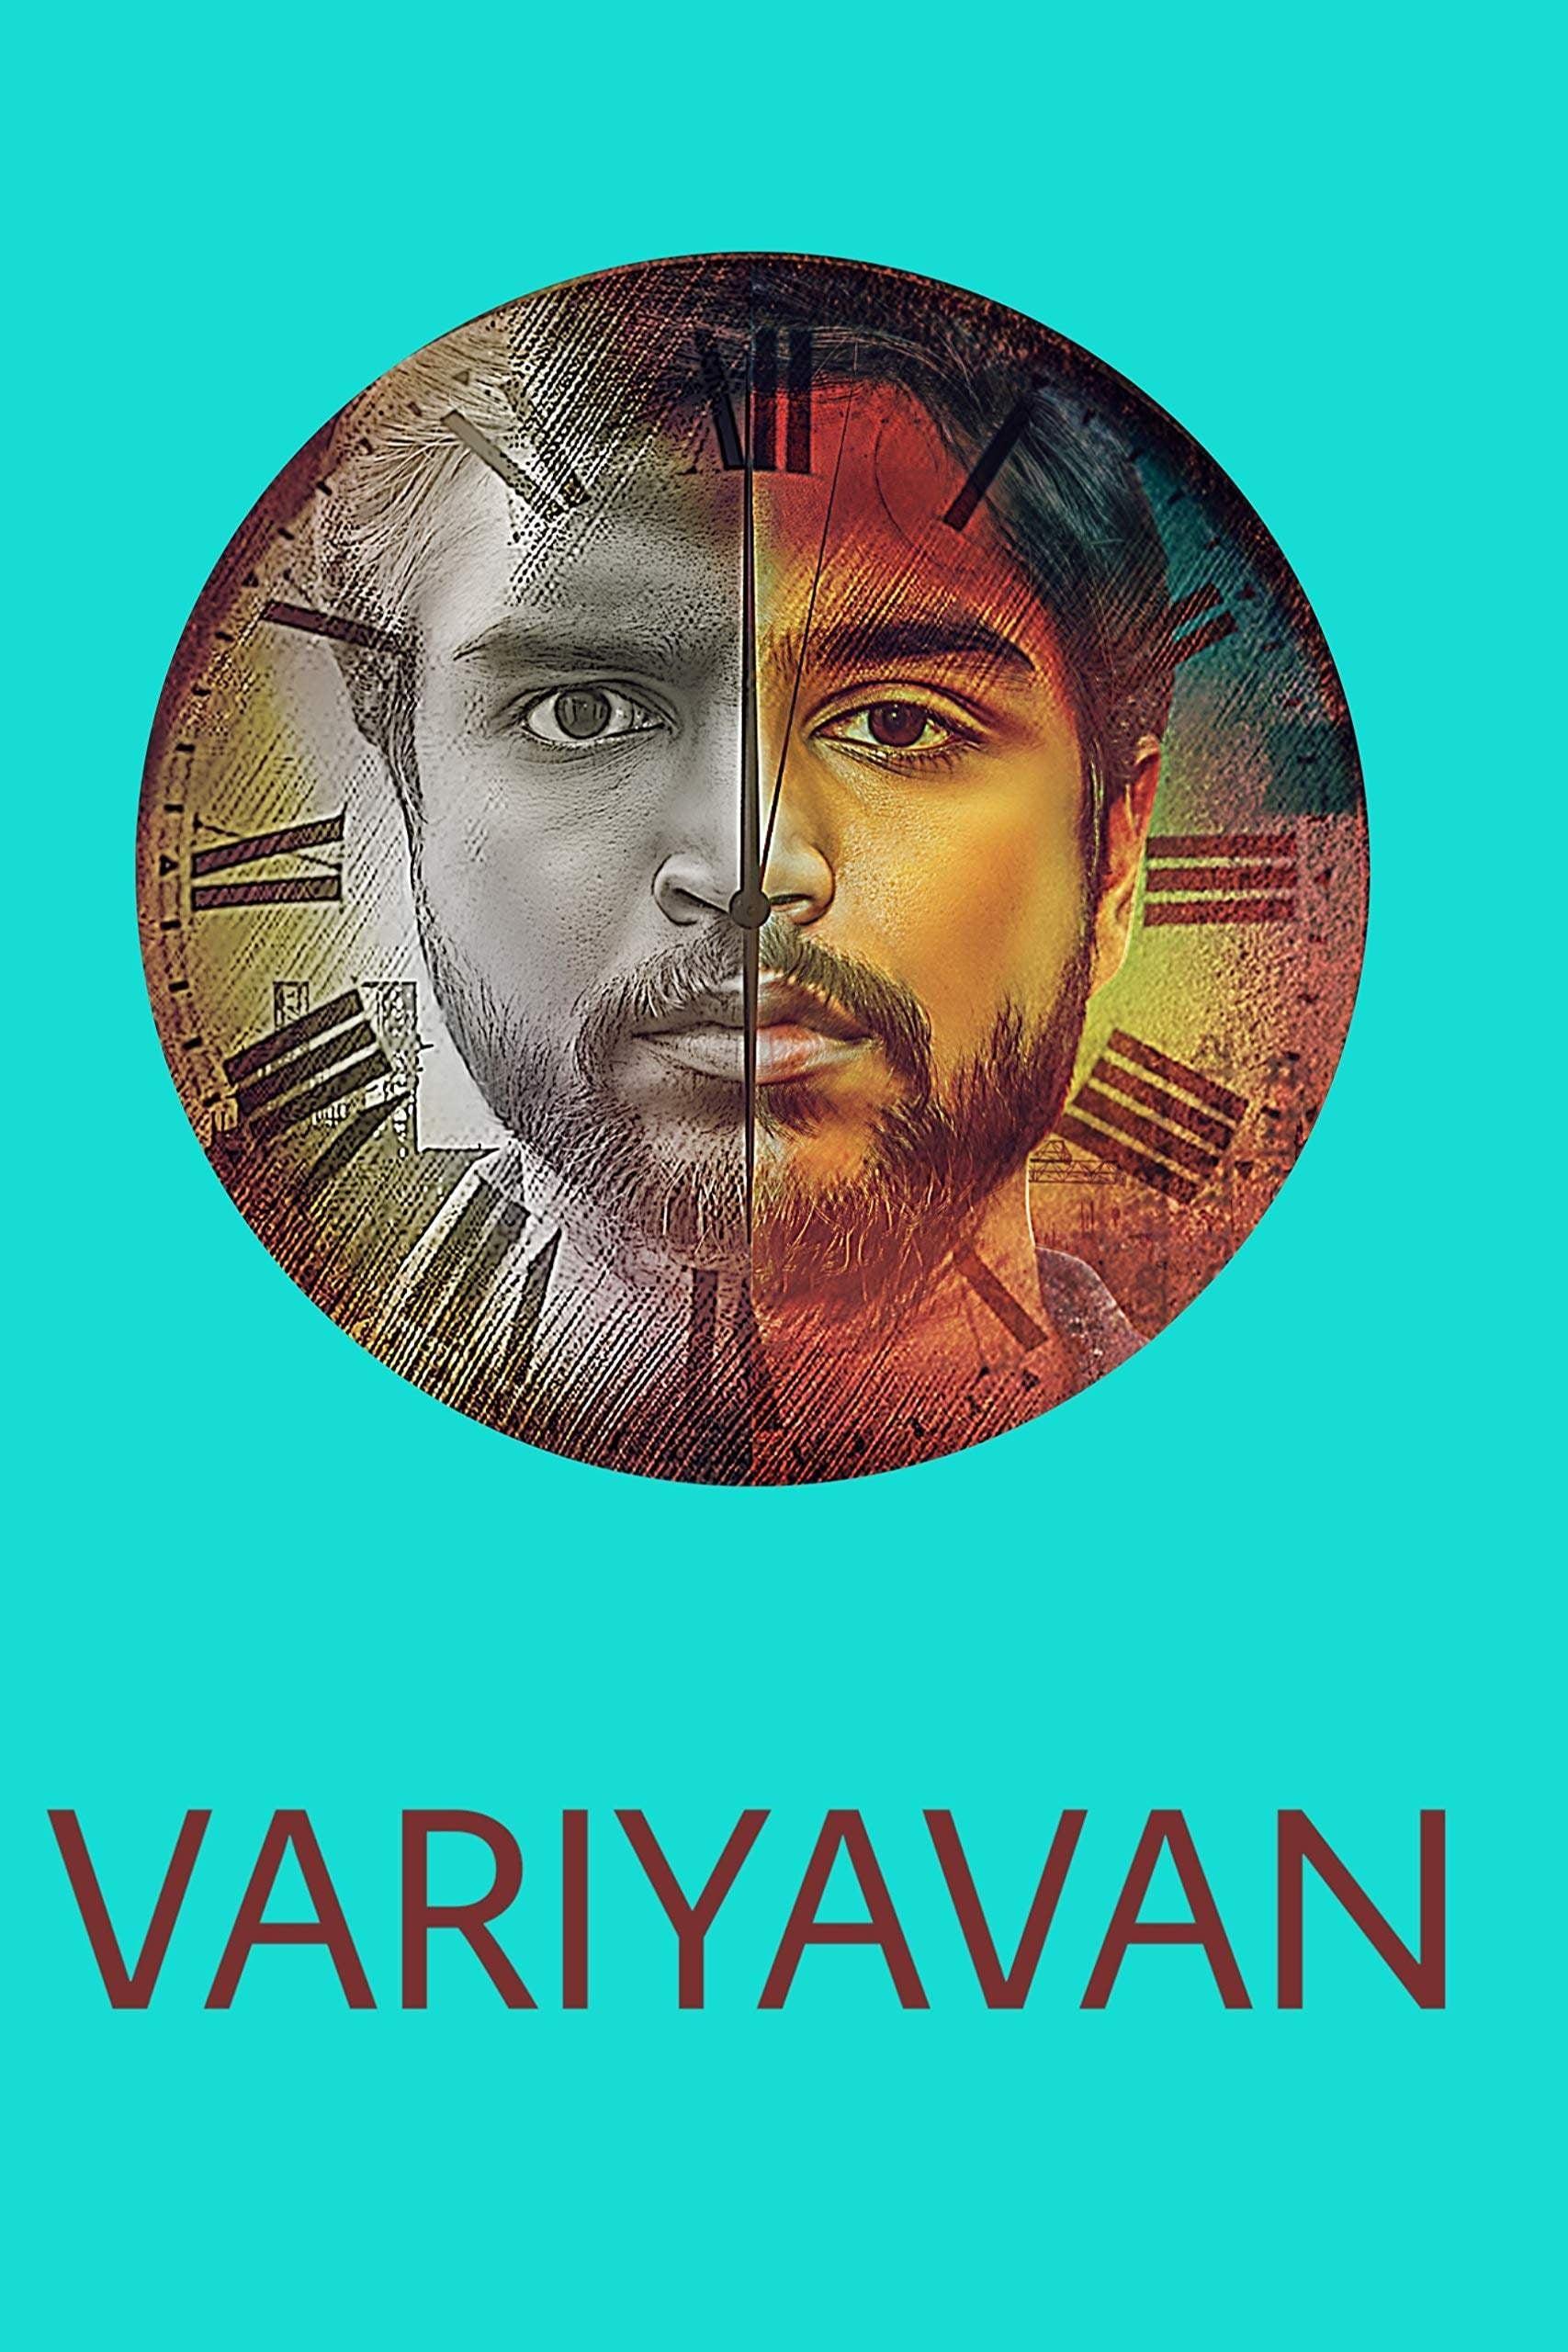 Variyavan